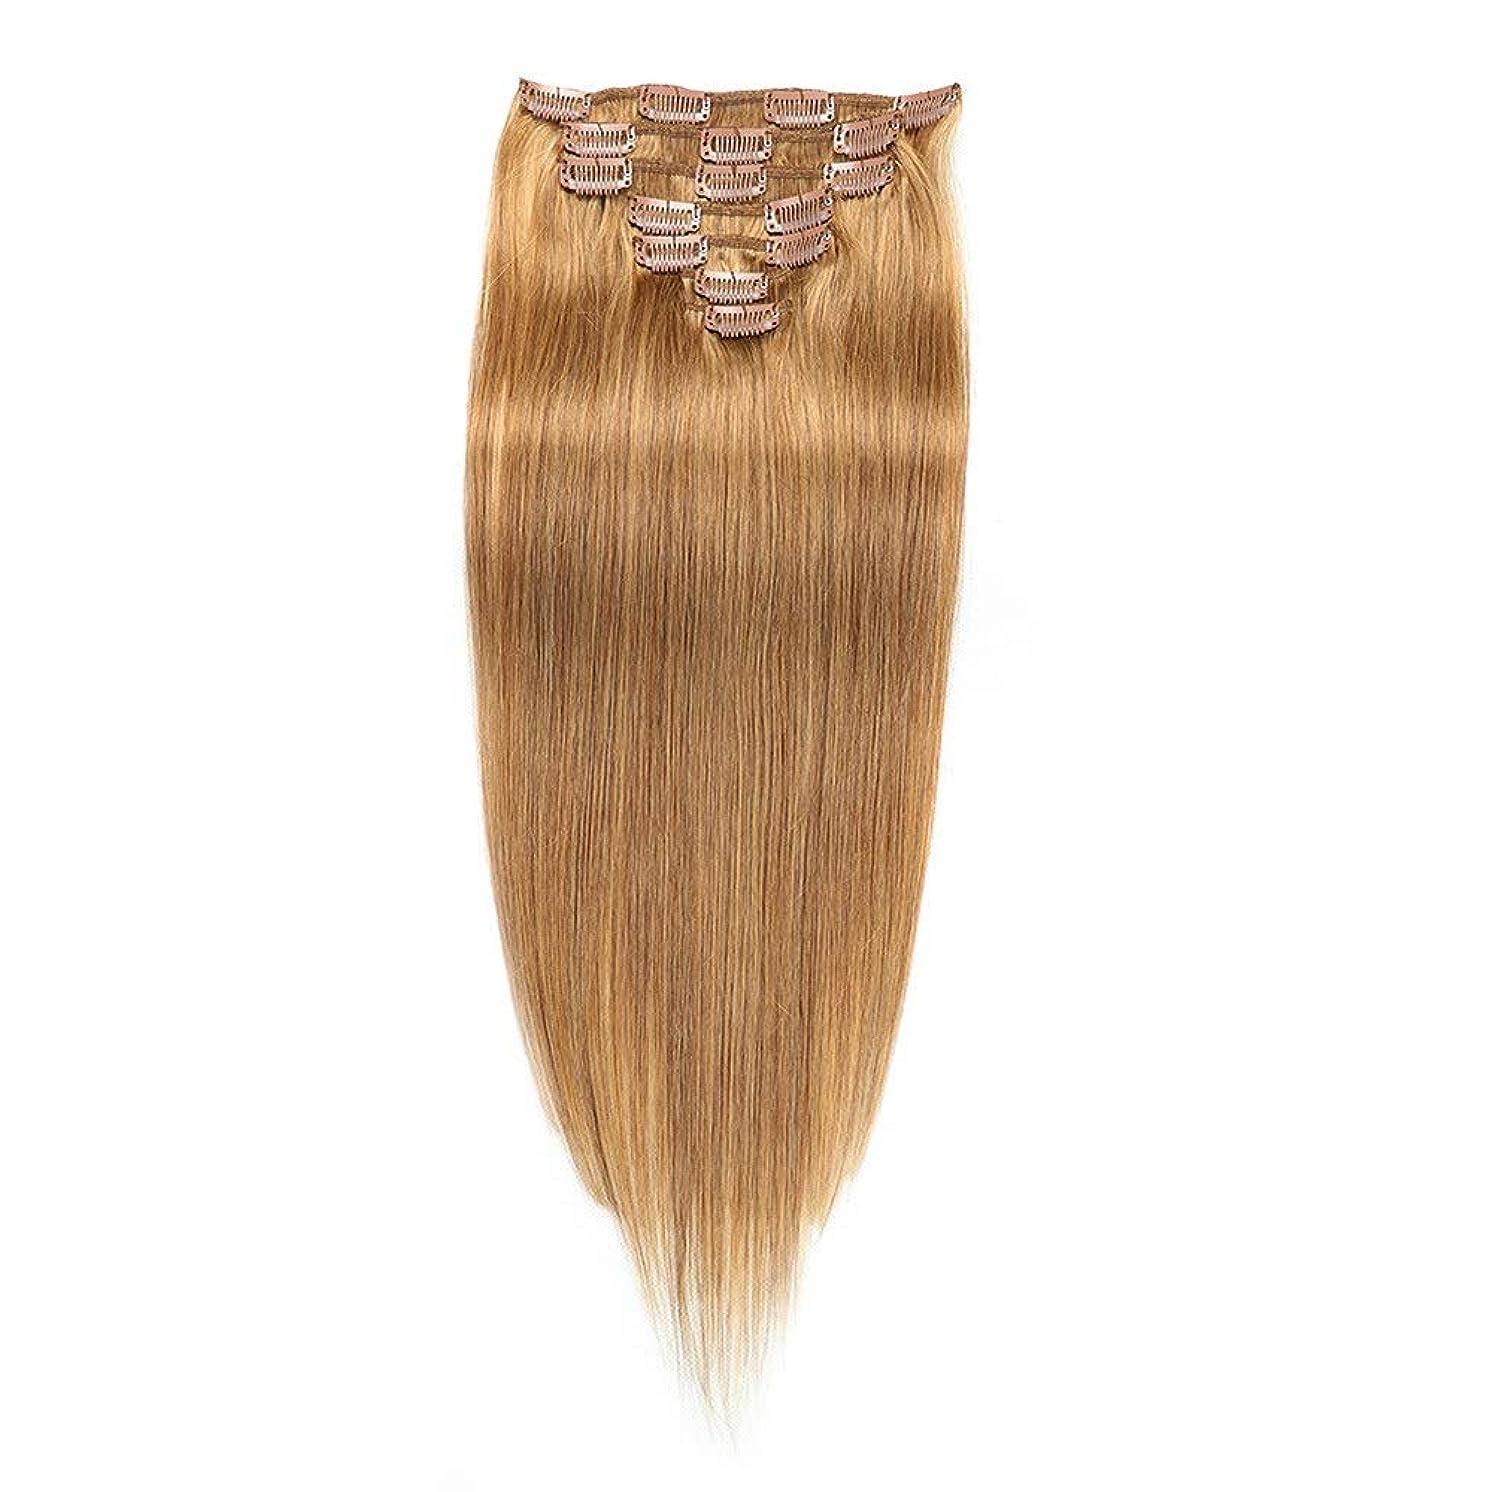 充電環境保護主義者フレームワークHOHYLLYA 100%人毛エクステンション22インチクリップイン - #12金髪フルヘッドダブル横糸ストレートヘアピースロールプレイングかつら女性のかつら (色 : #12 blonde)